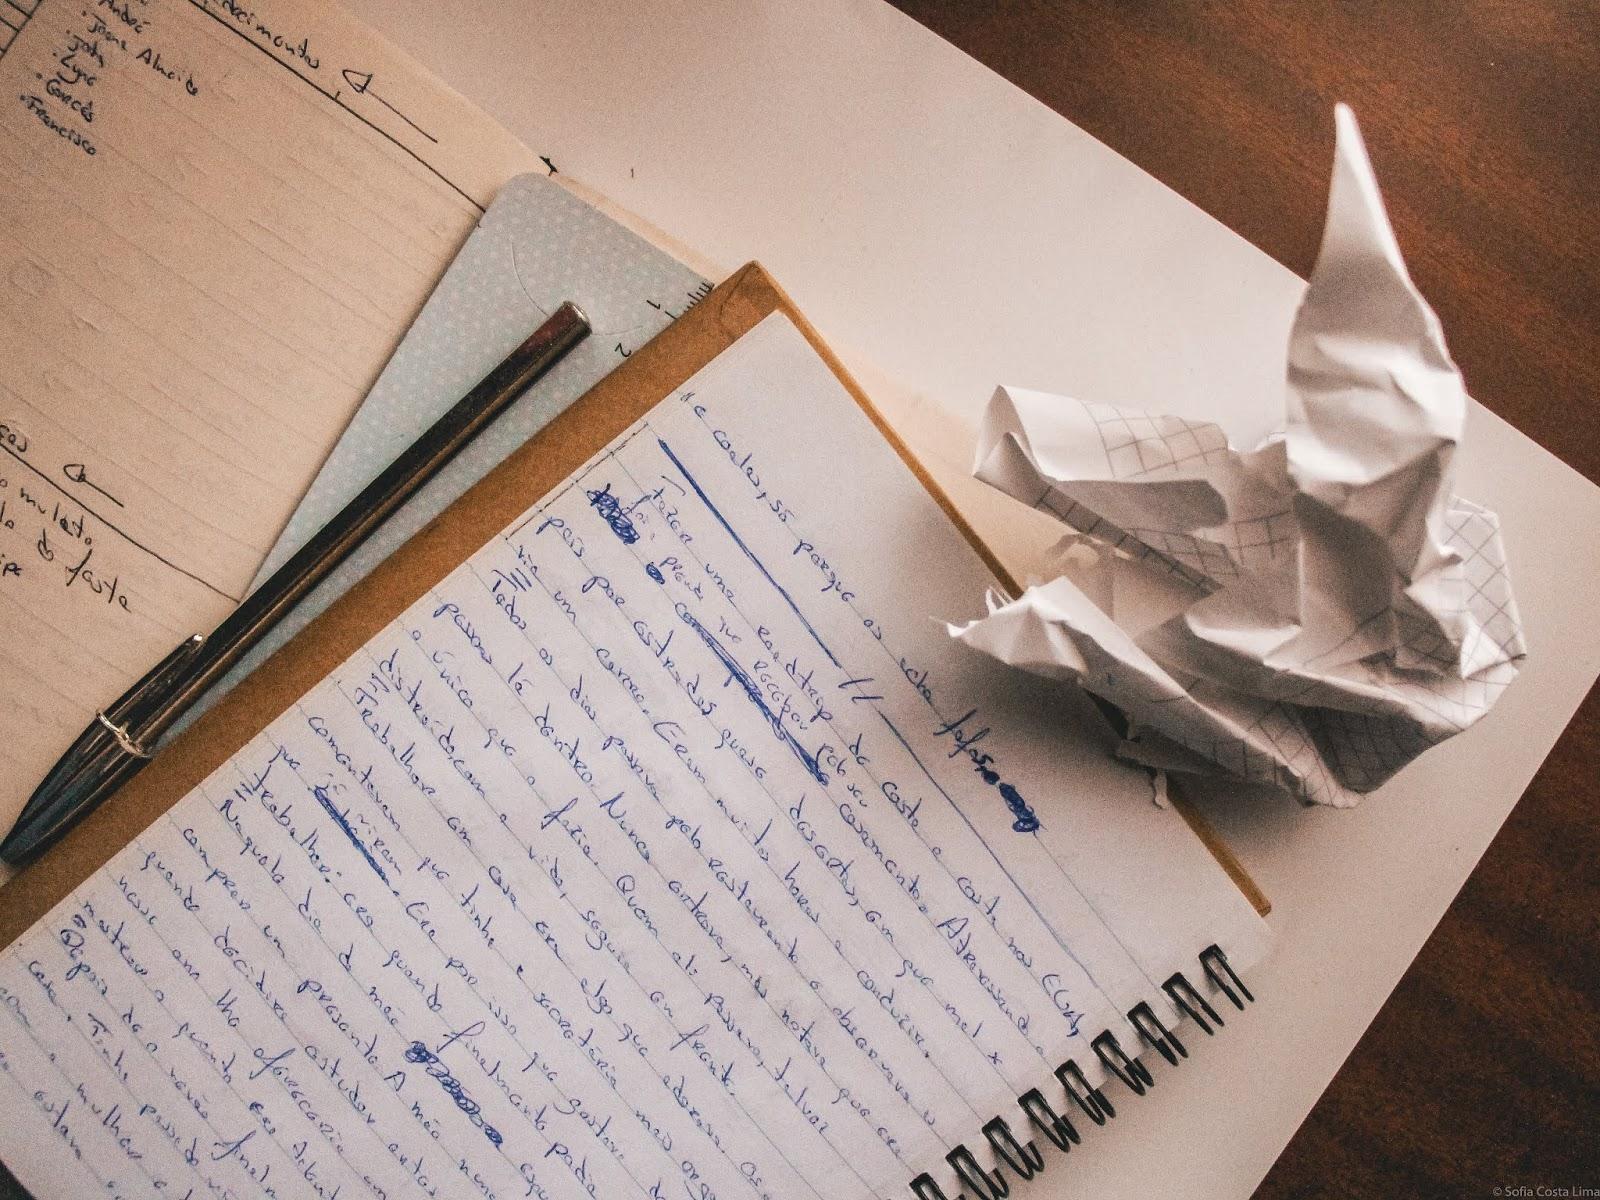 Coisas nas quais não pensar enquanto escrevemos.